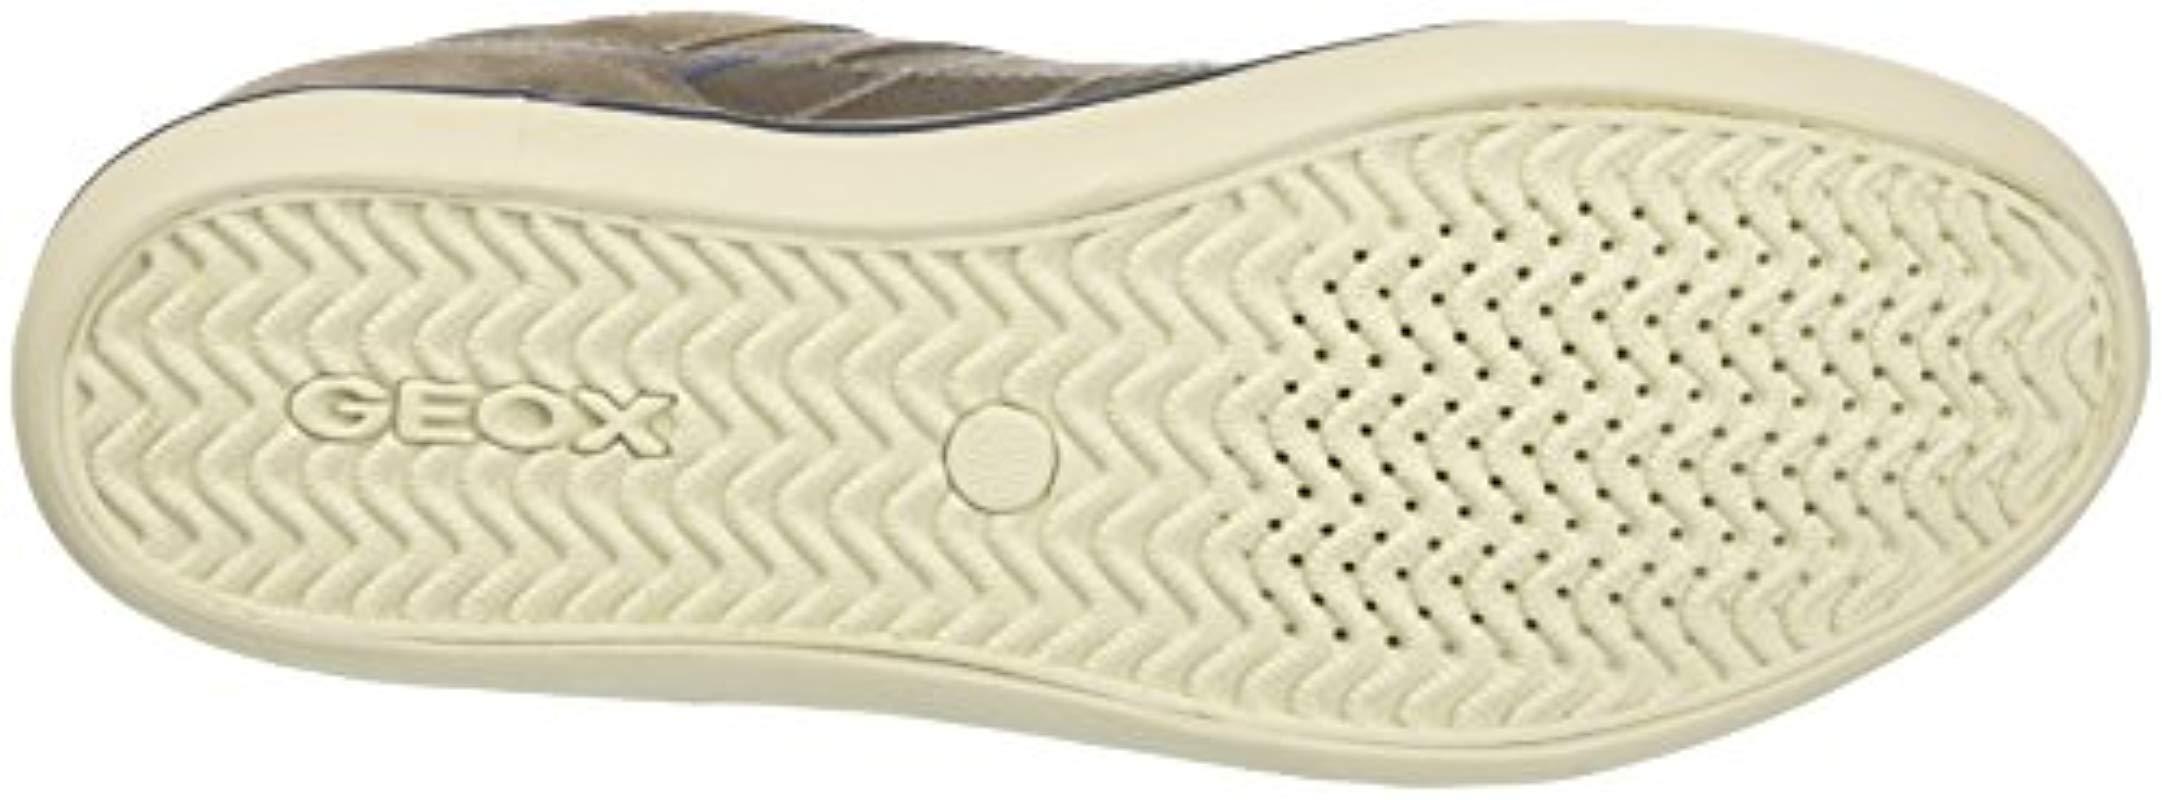 U Box F, Zapatillas para Hombre Geox de Cuero de color Neutro para hombre